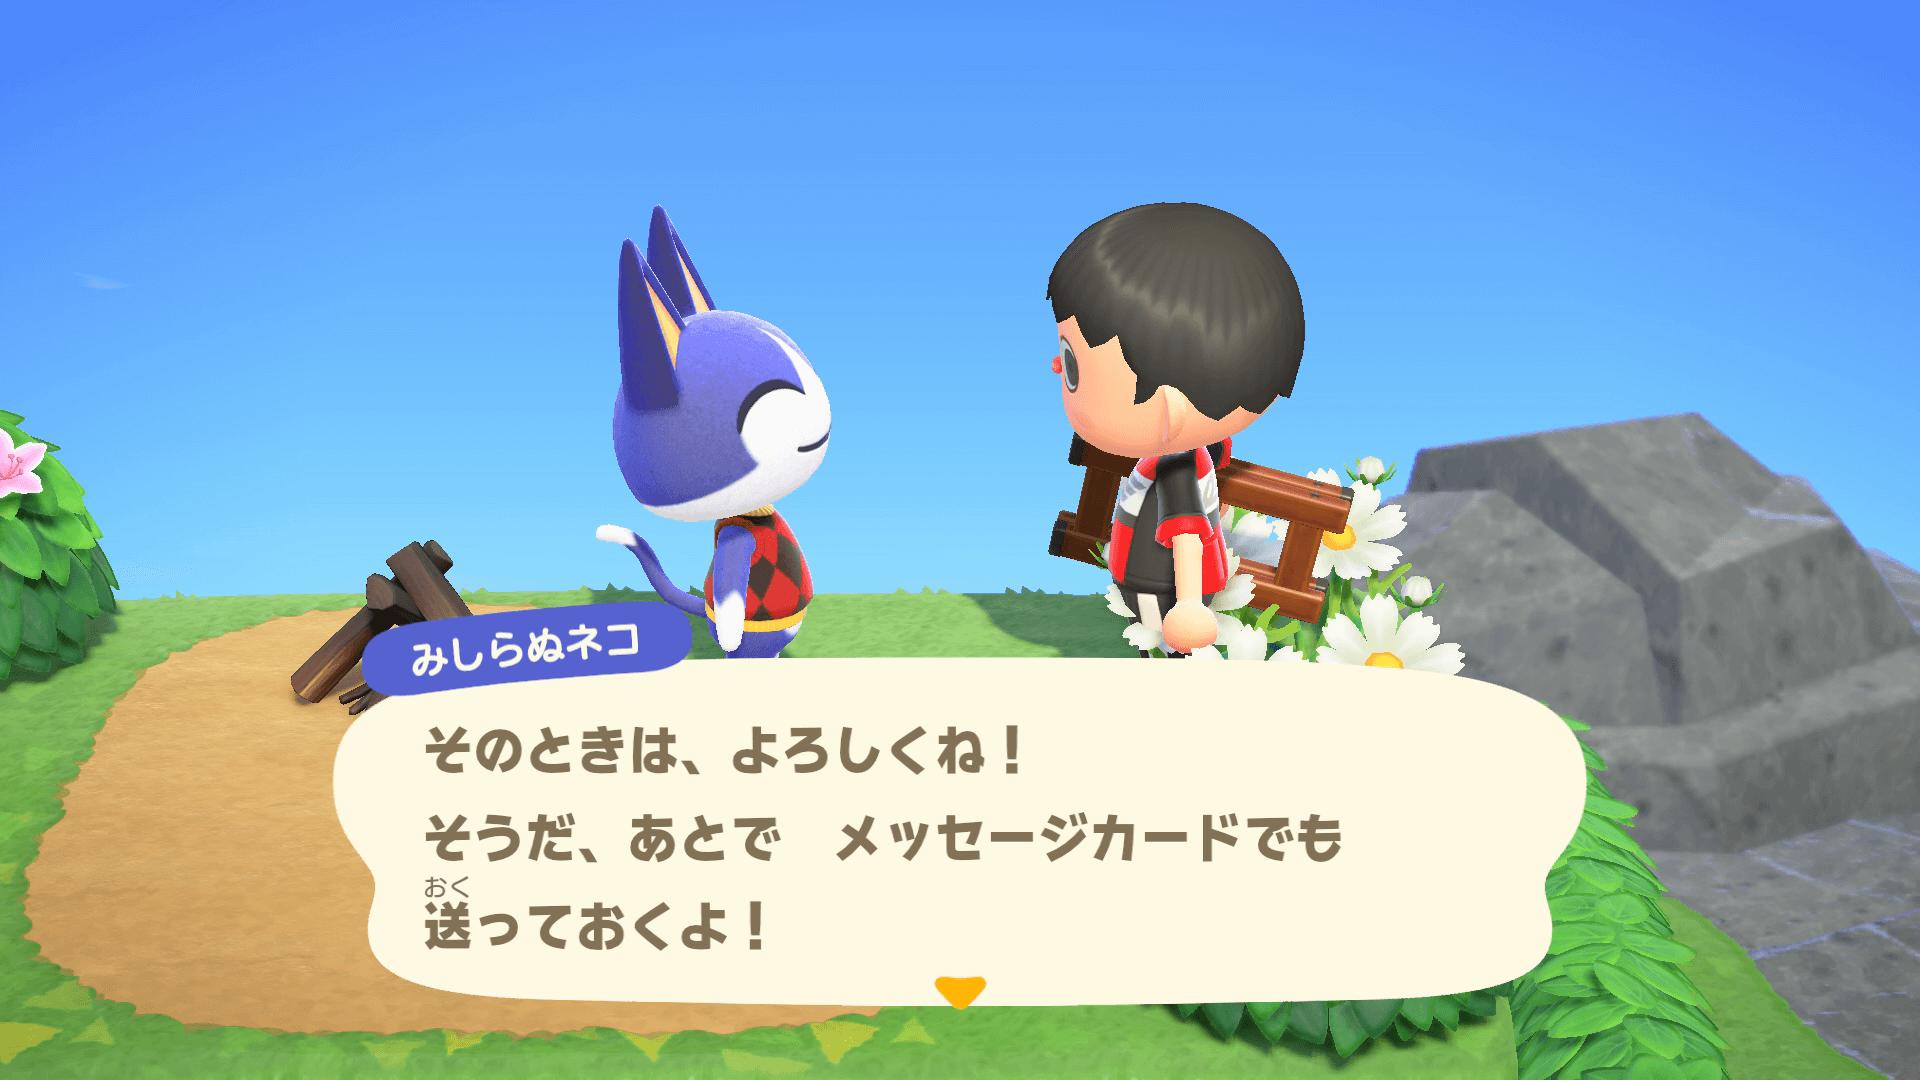 けん ベル ひきかえ あつまれどうぶつの森で松江を作るpart6